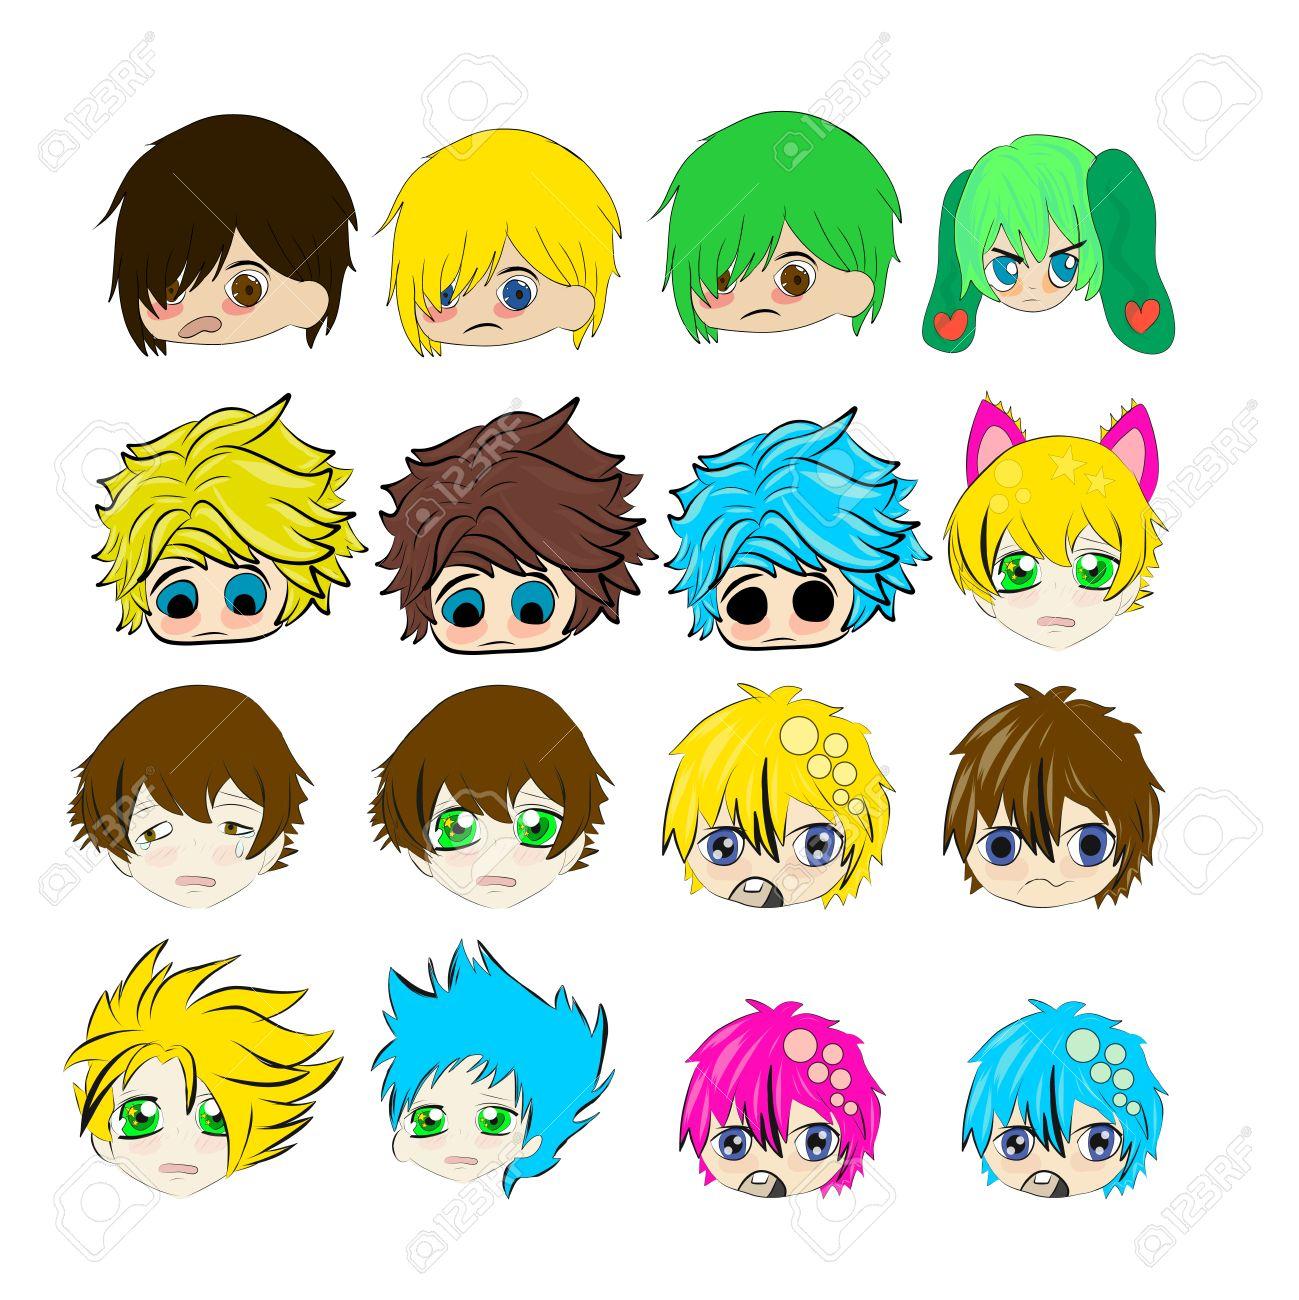 Sad Crying Cute Chibi Boys Faces Anime Illustration Stock Photo